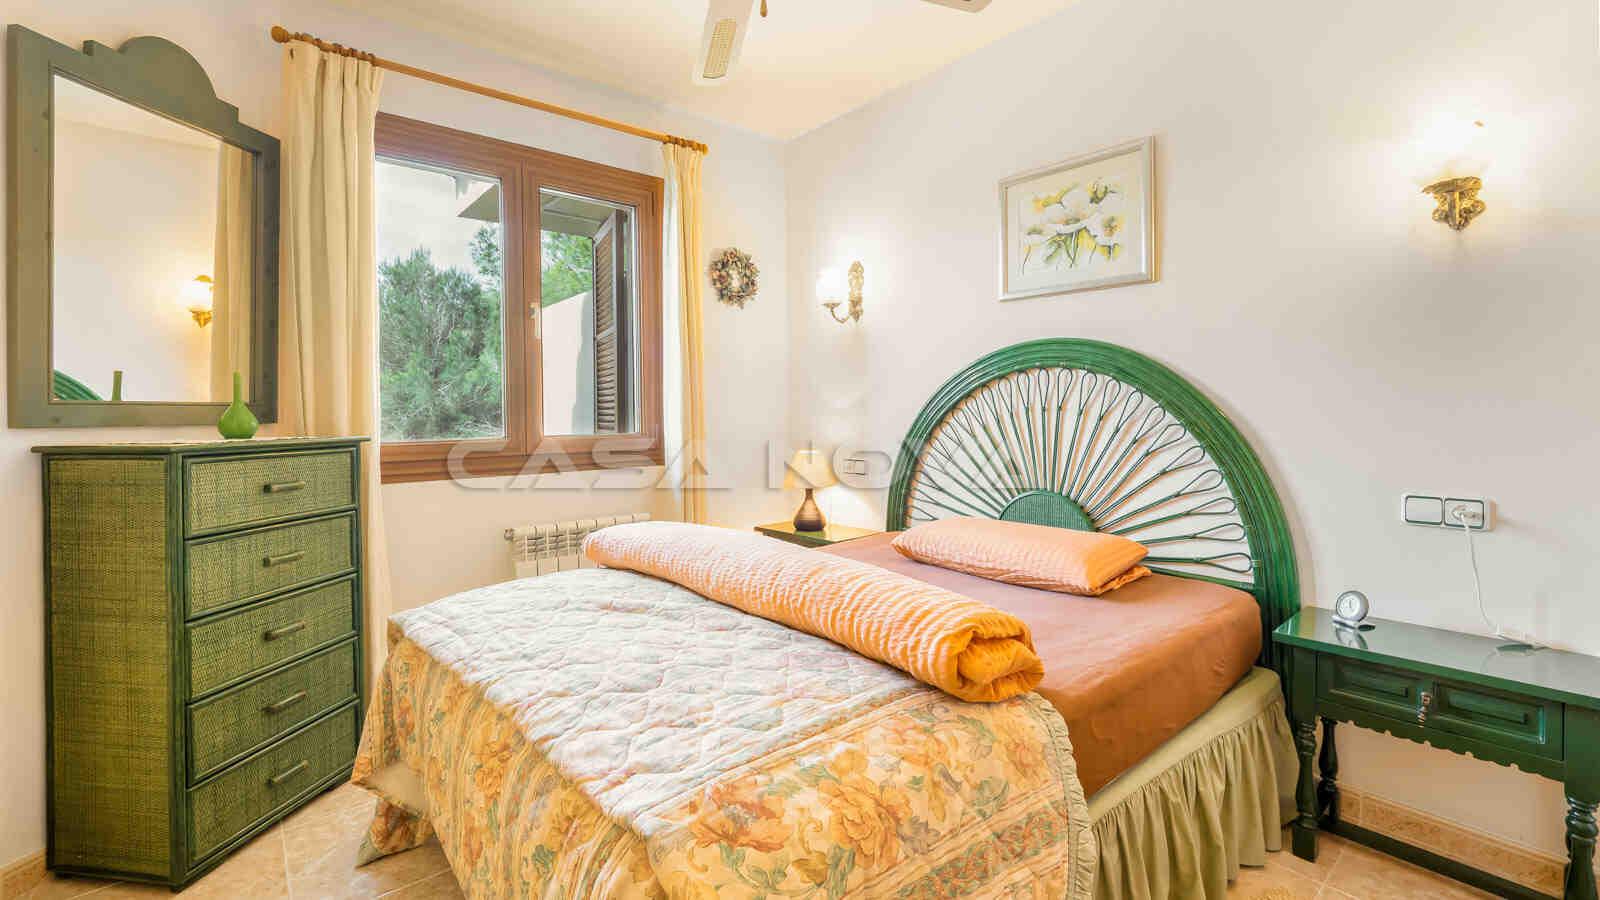 Helles Doppelschlafzimmer mit mediterraner Einrichtung